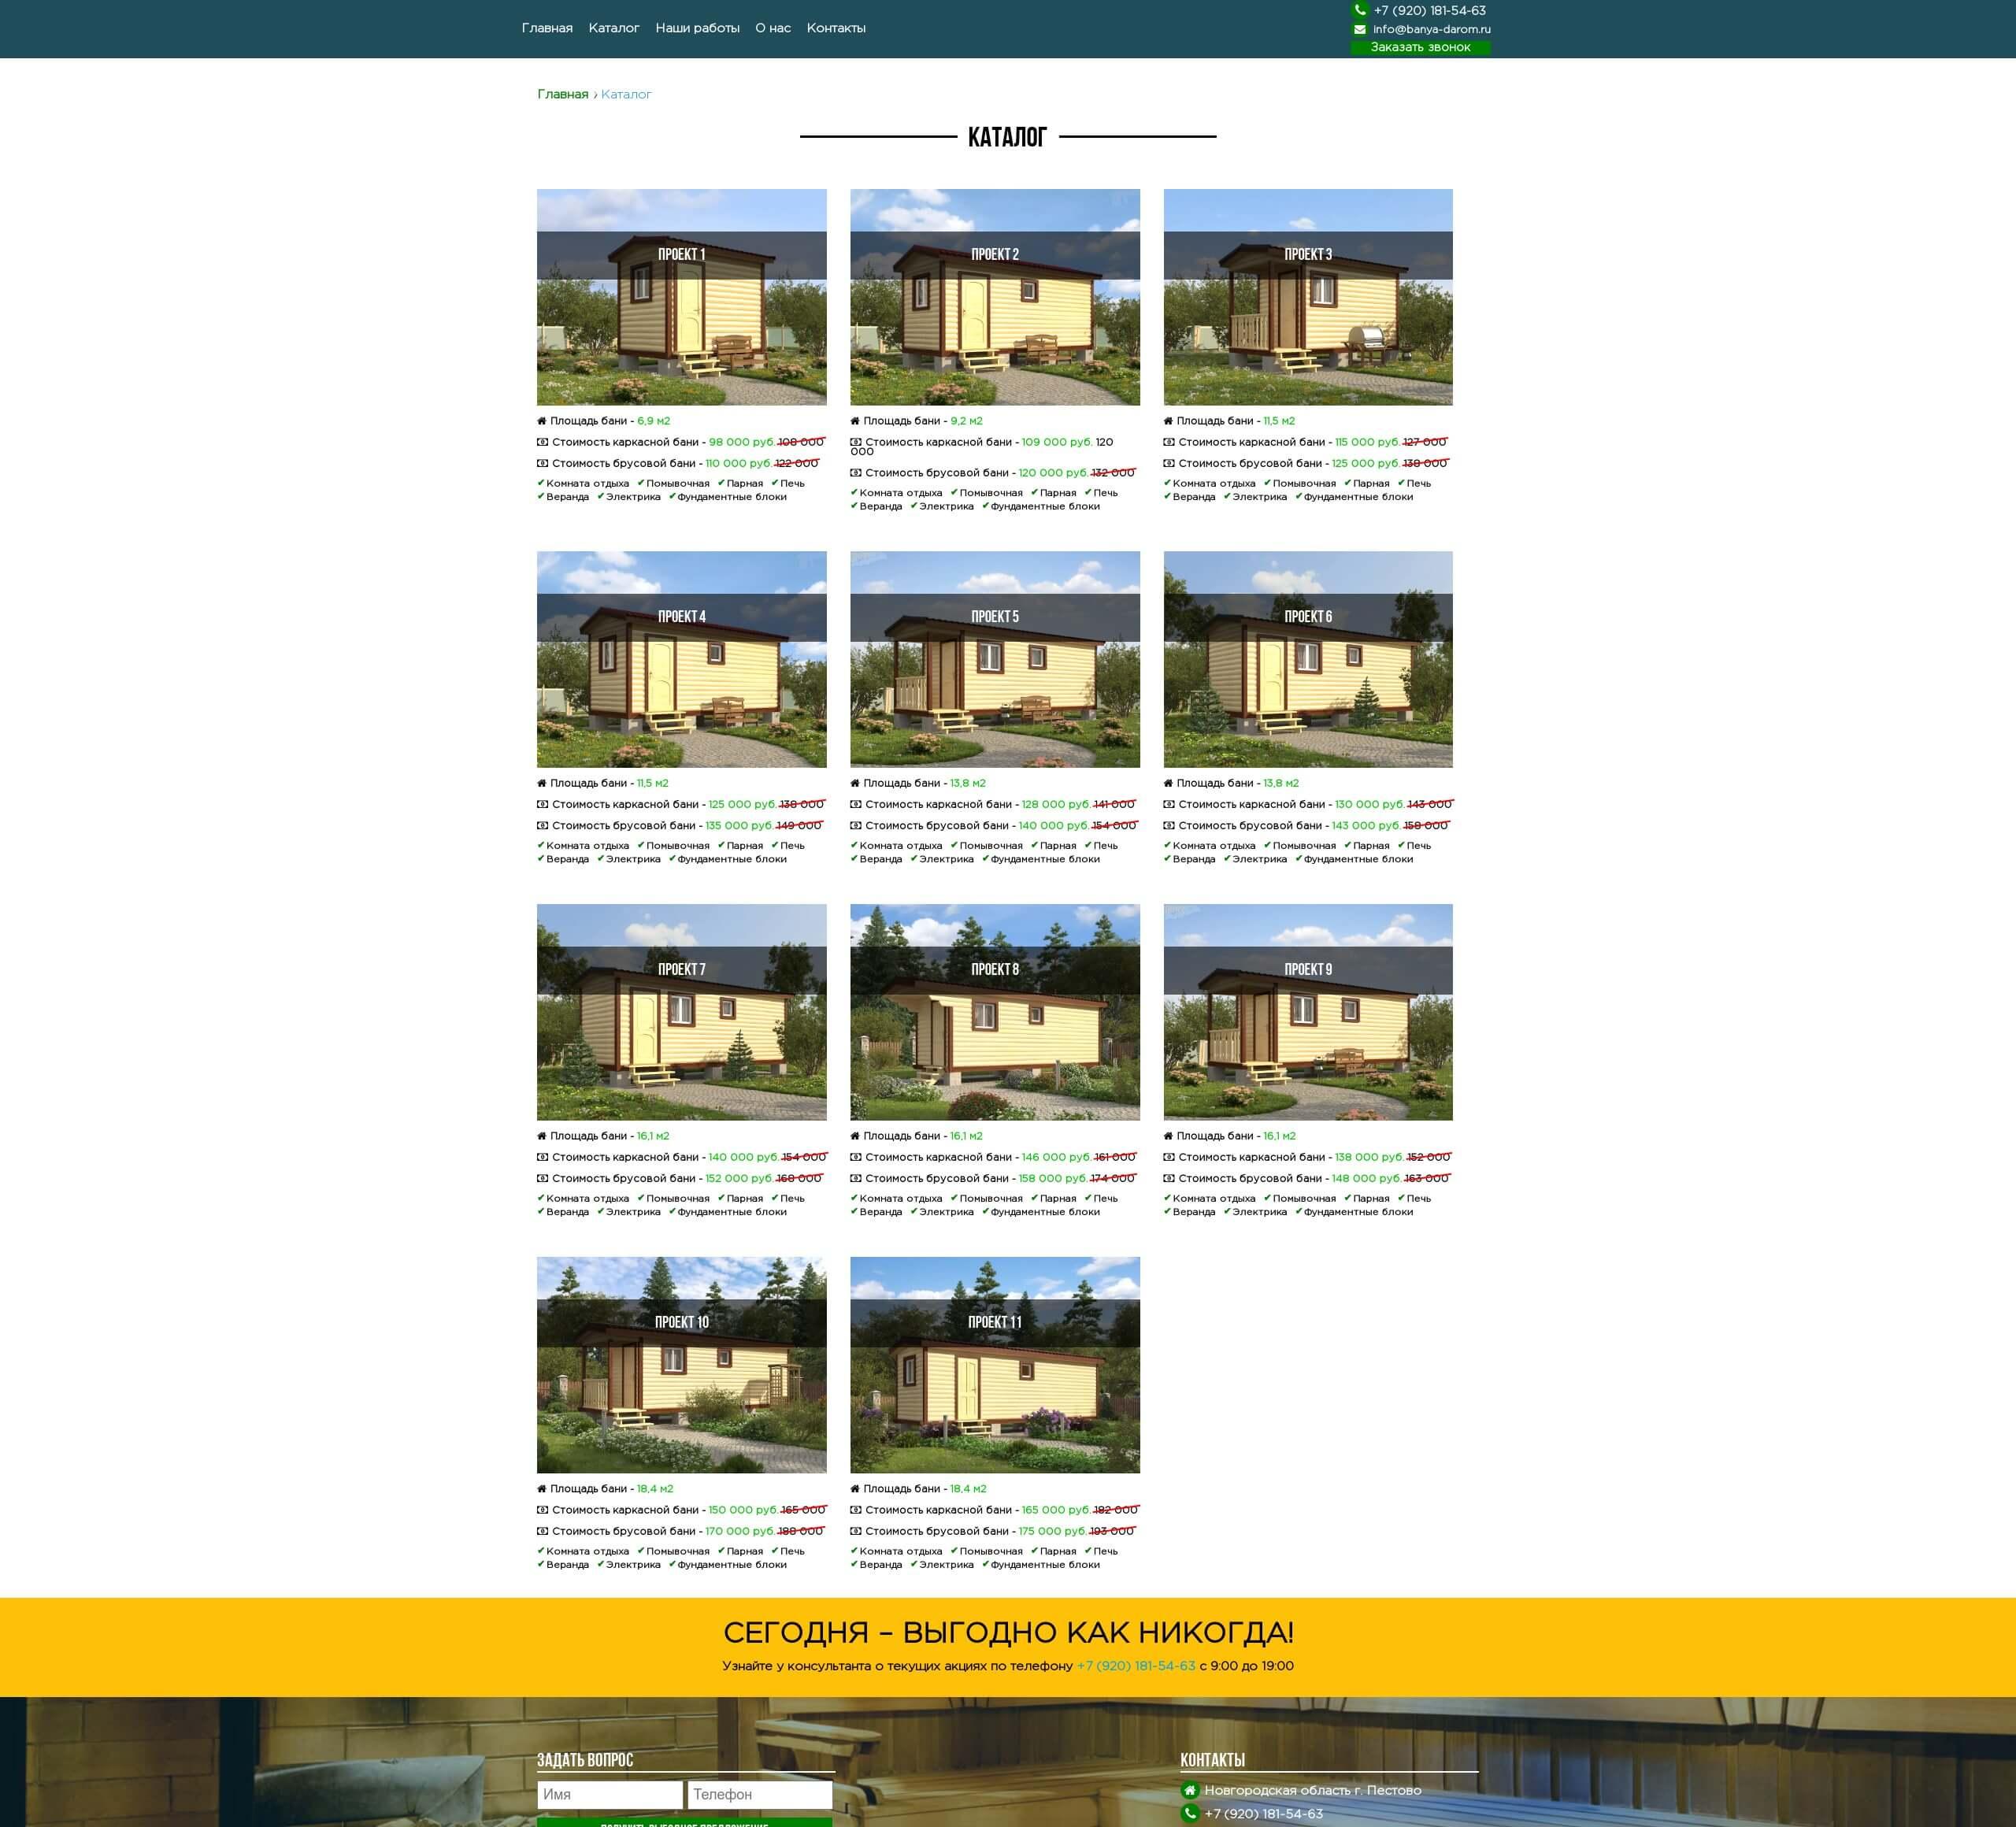 Скриншот №3 страницы сайта во весь экран. Сайт для мобильных бань